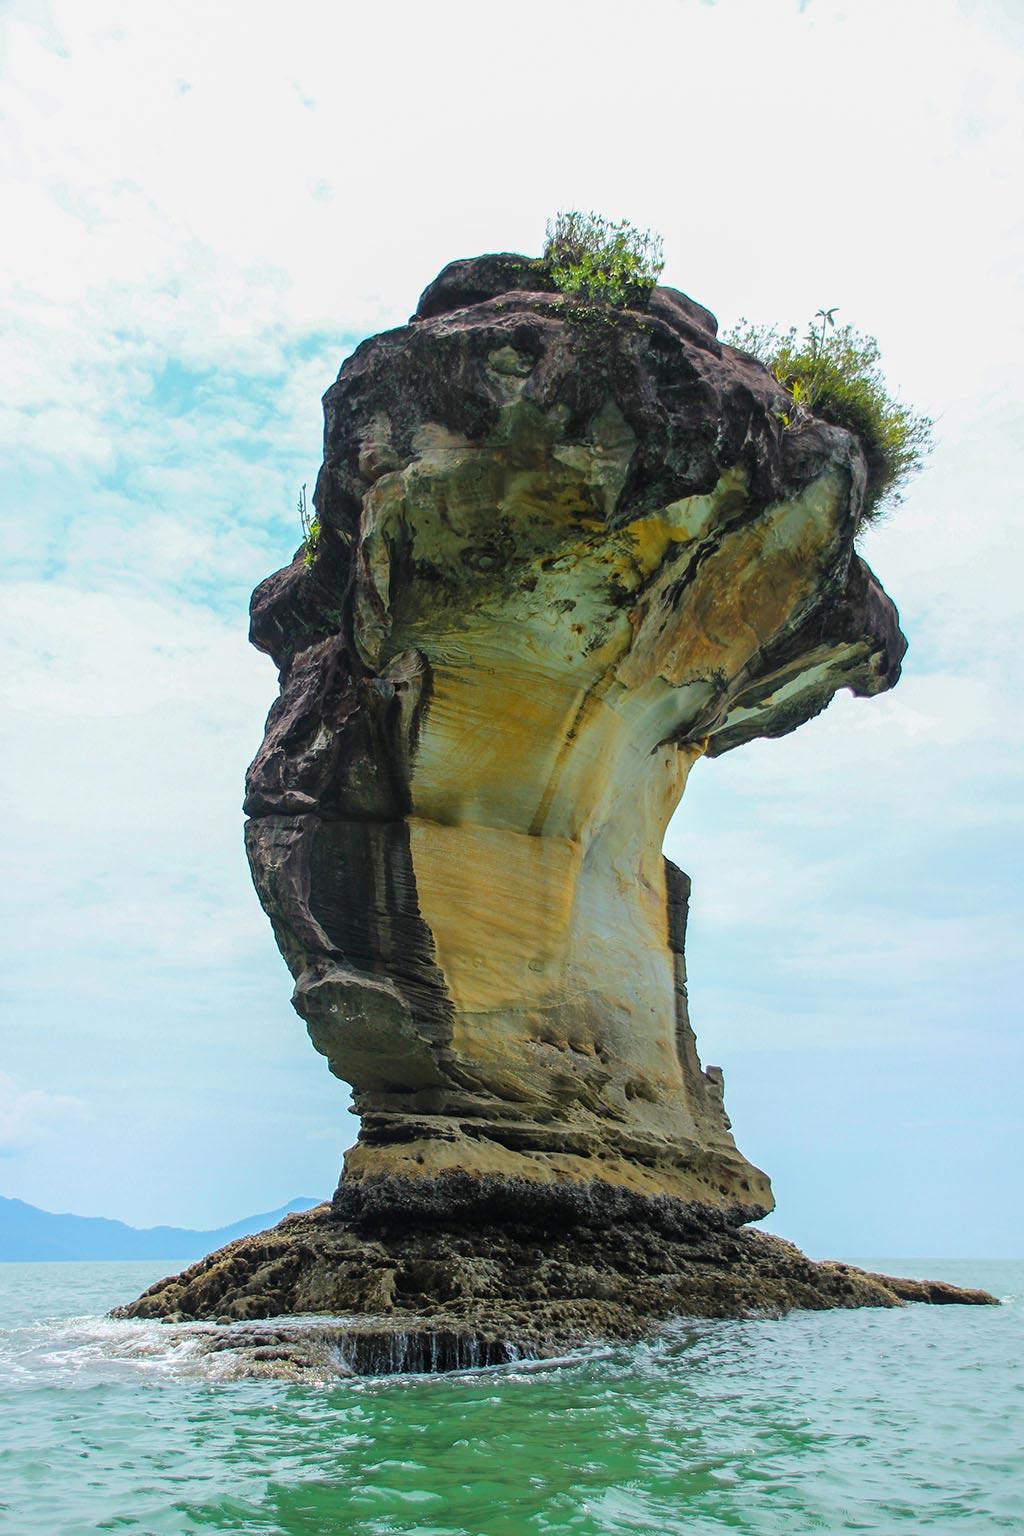 ... und auf der anderen Seite der Bucht ragt das Wahrzeichen Bakos hervor: Dieser markante Felsen.